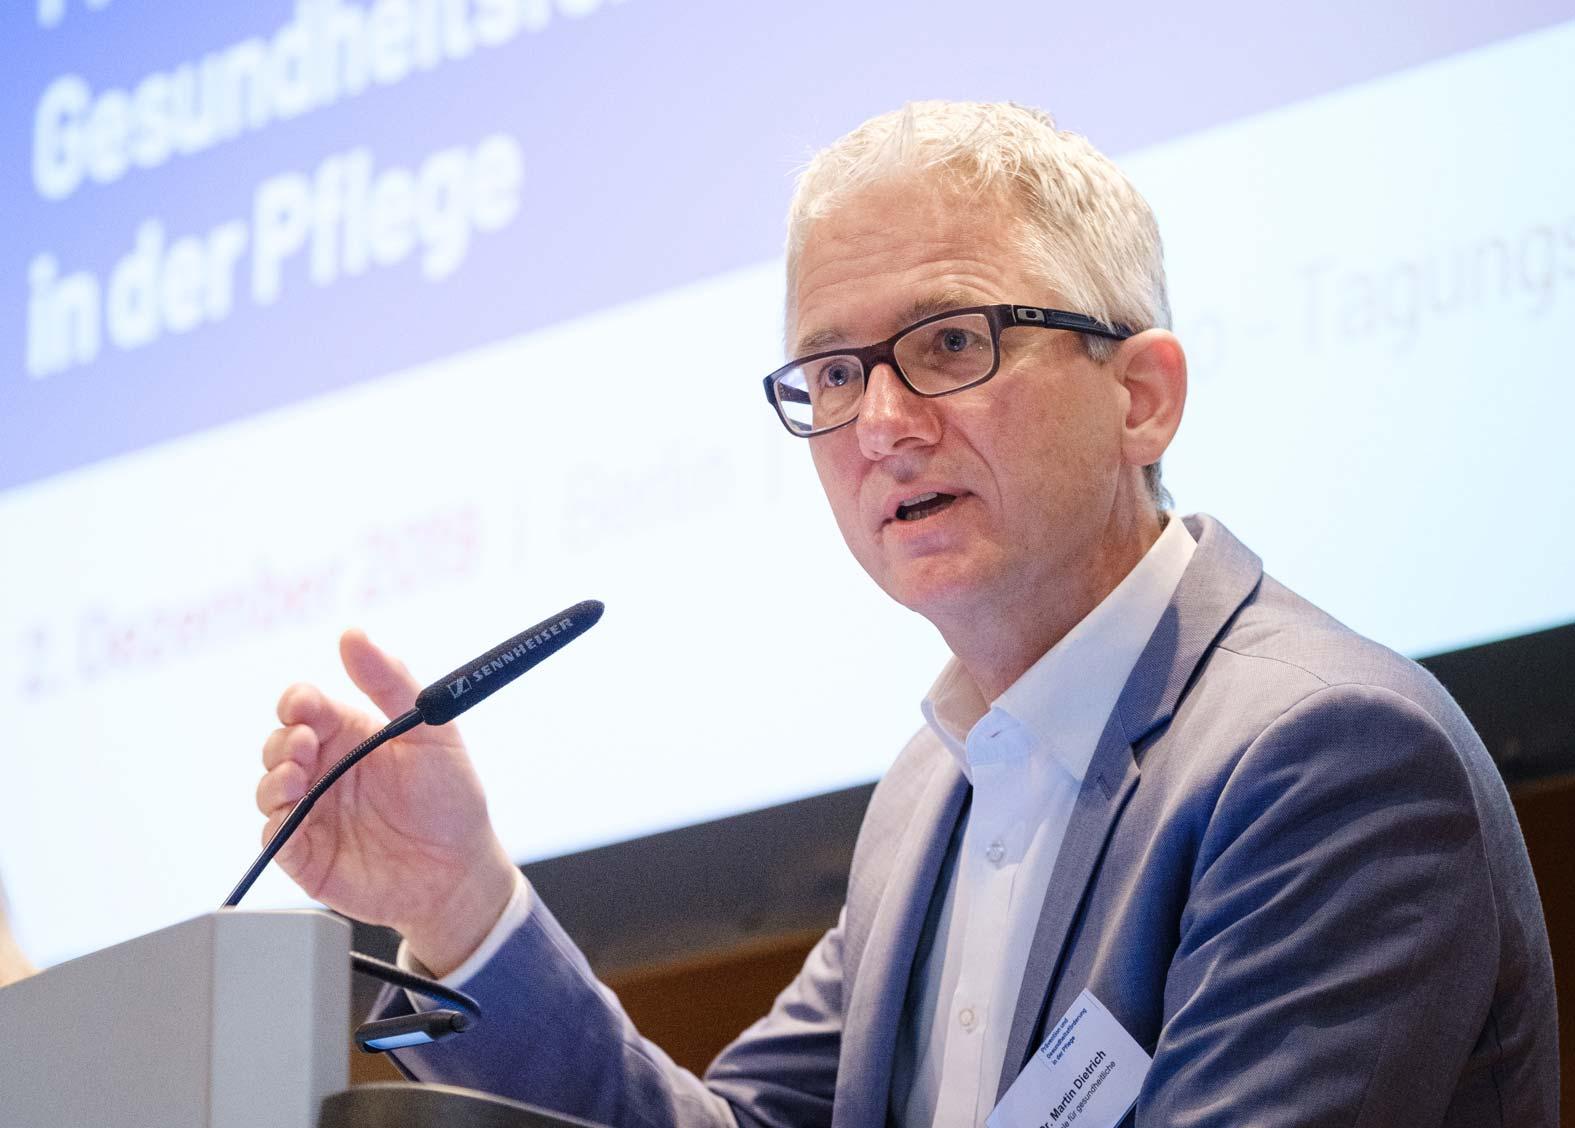 Prof. Dr. Martin Dietrich